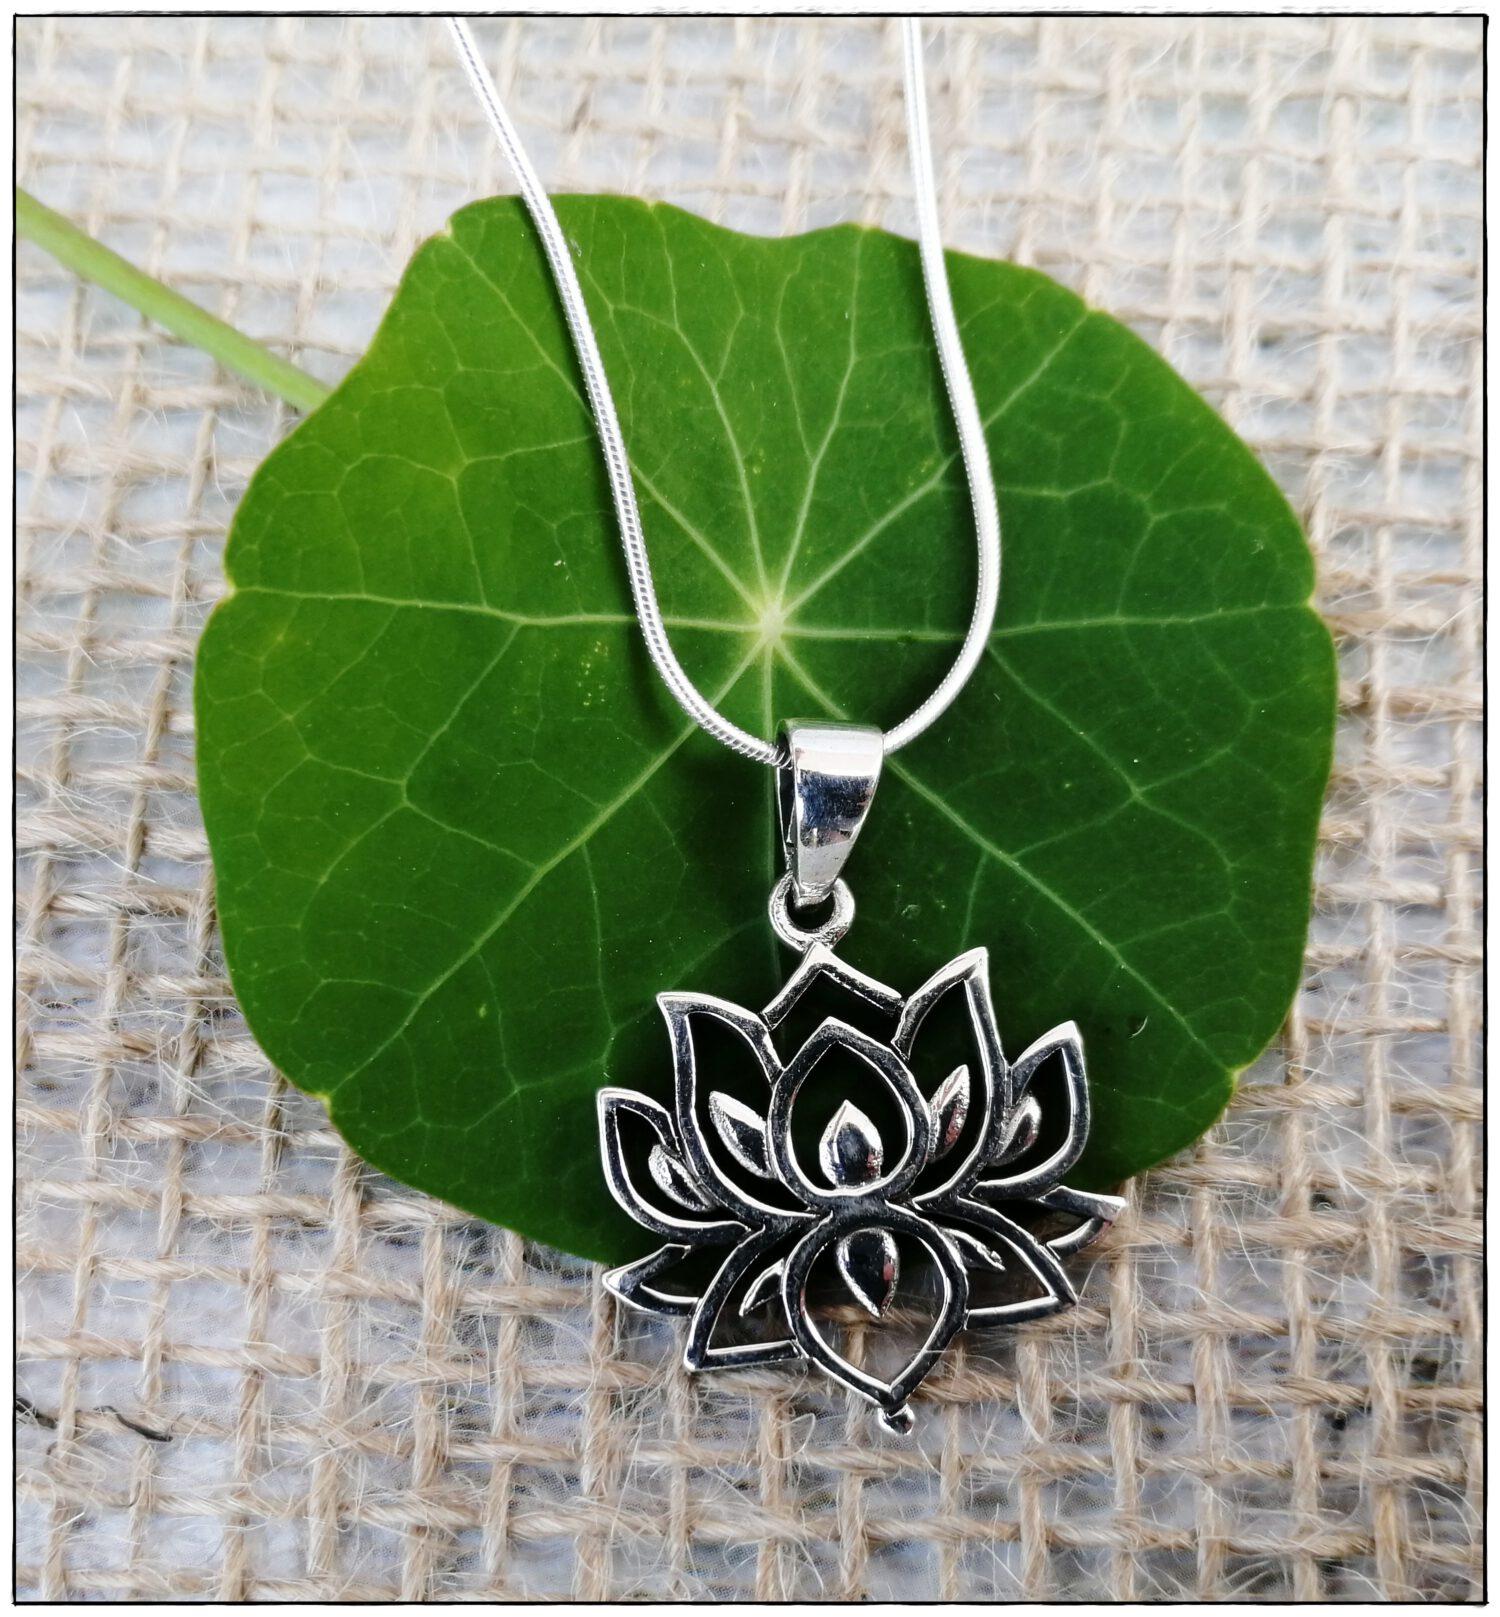 Lotuskette aus Sterlingsilber